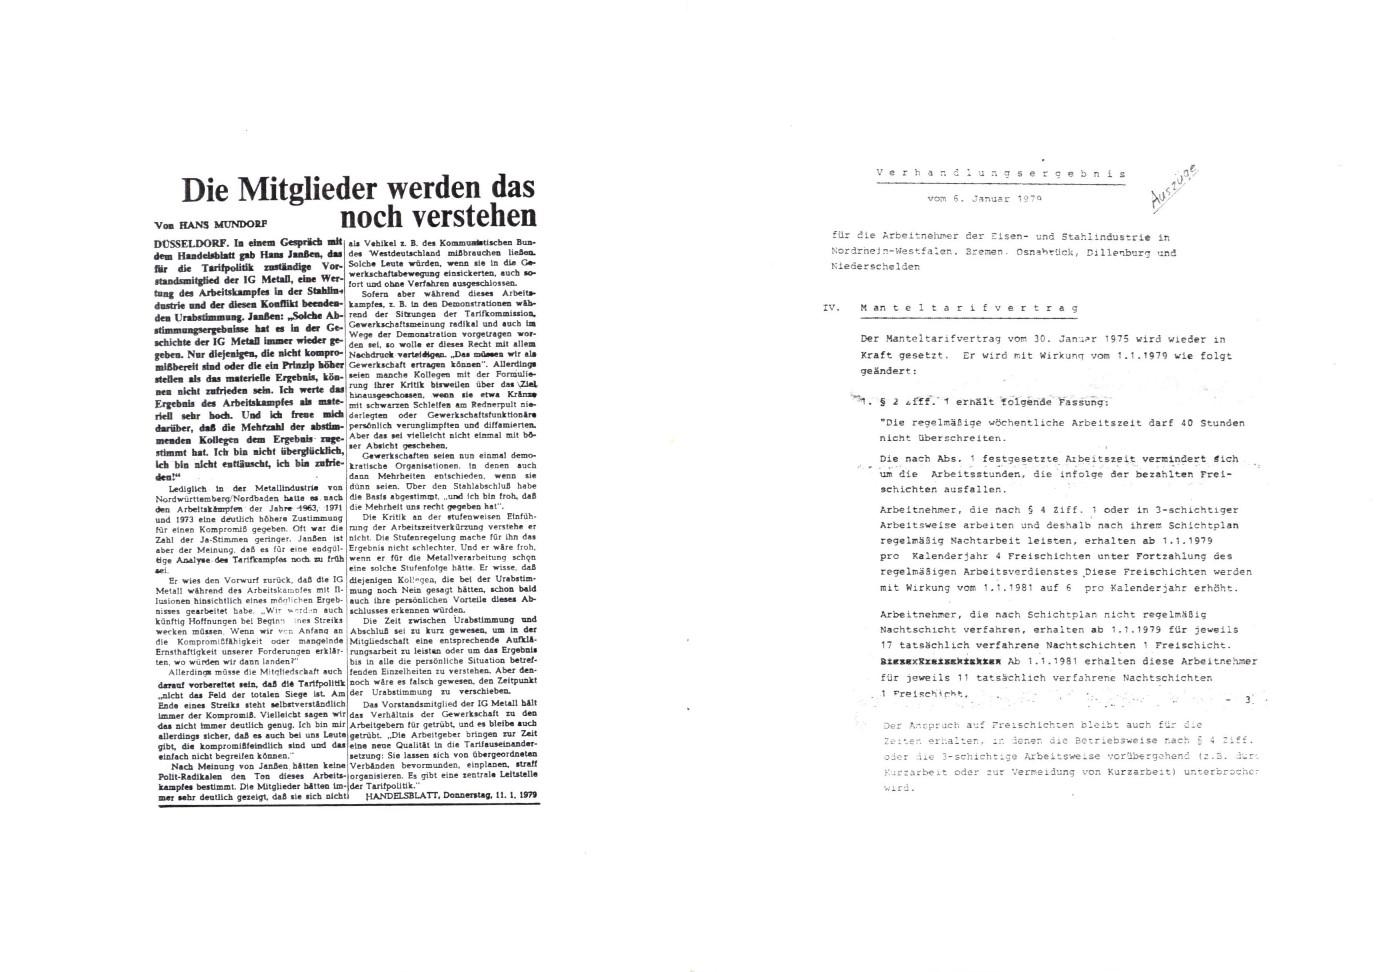 KPDAO_1979_Streik_in_der_Stahlindustrie_37